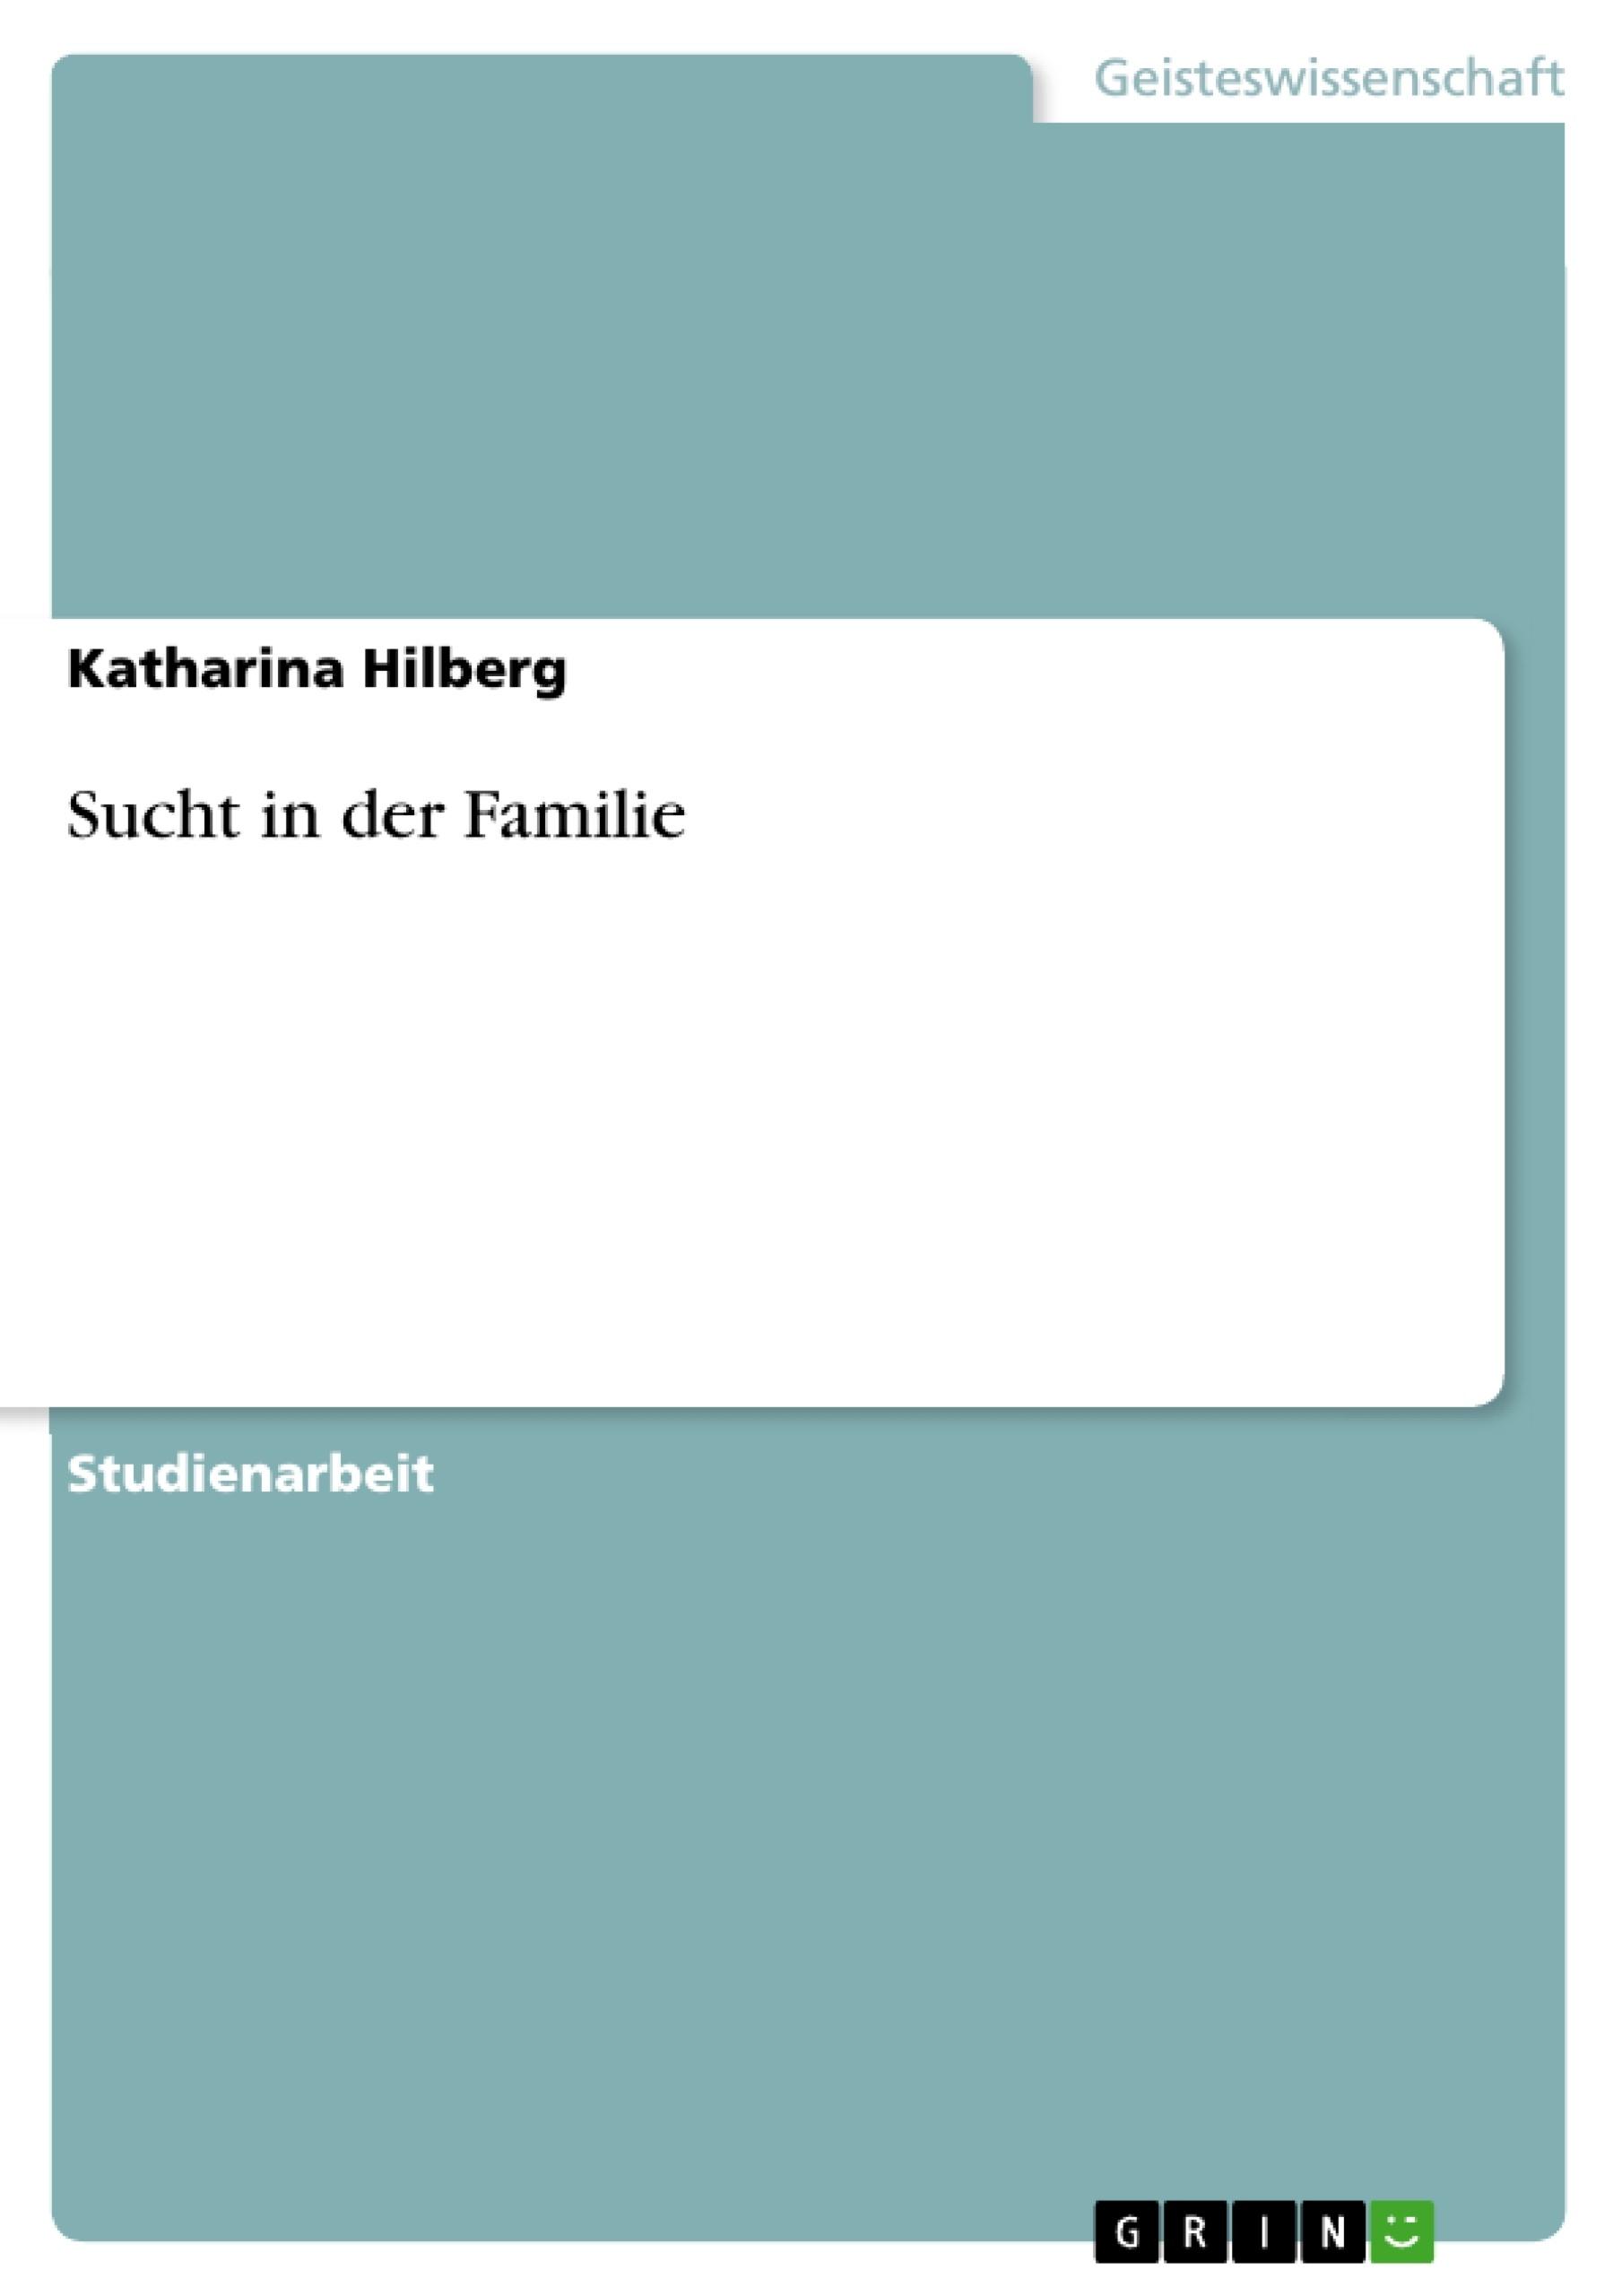 Schutzfaktoren sucht frauen [PUNIQRANDLINE-(au-dating-names.txt) 64